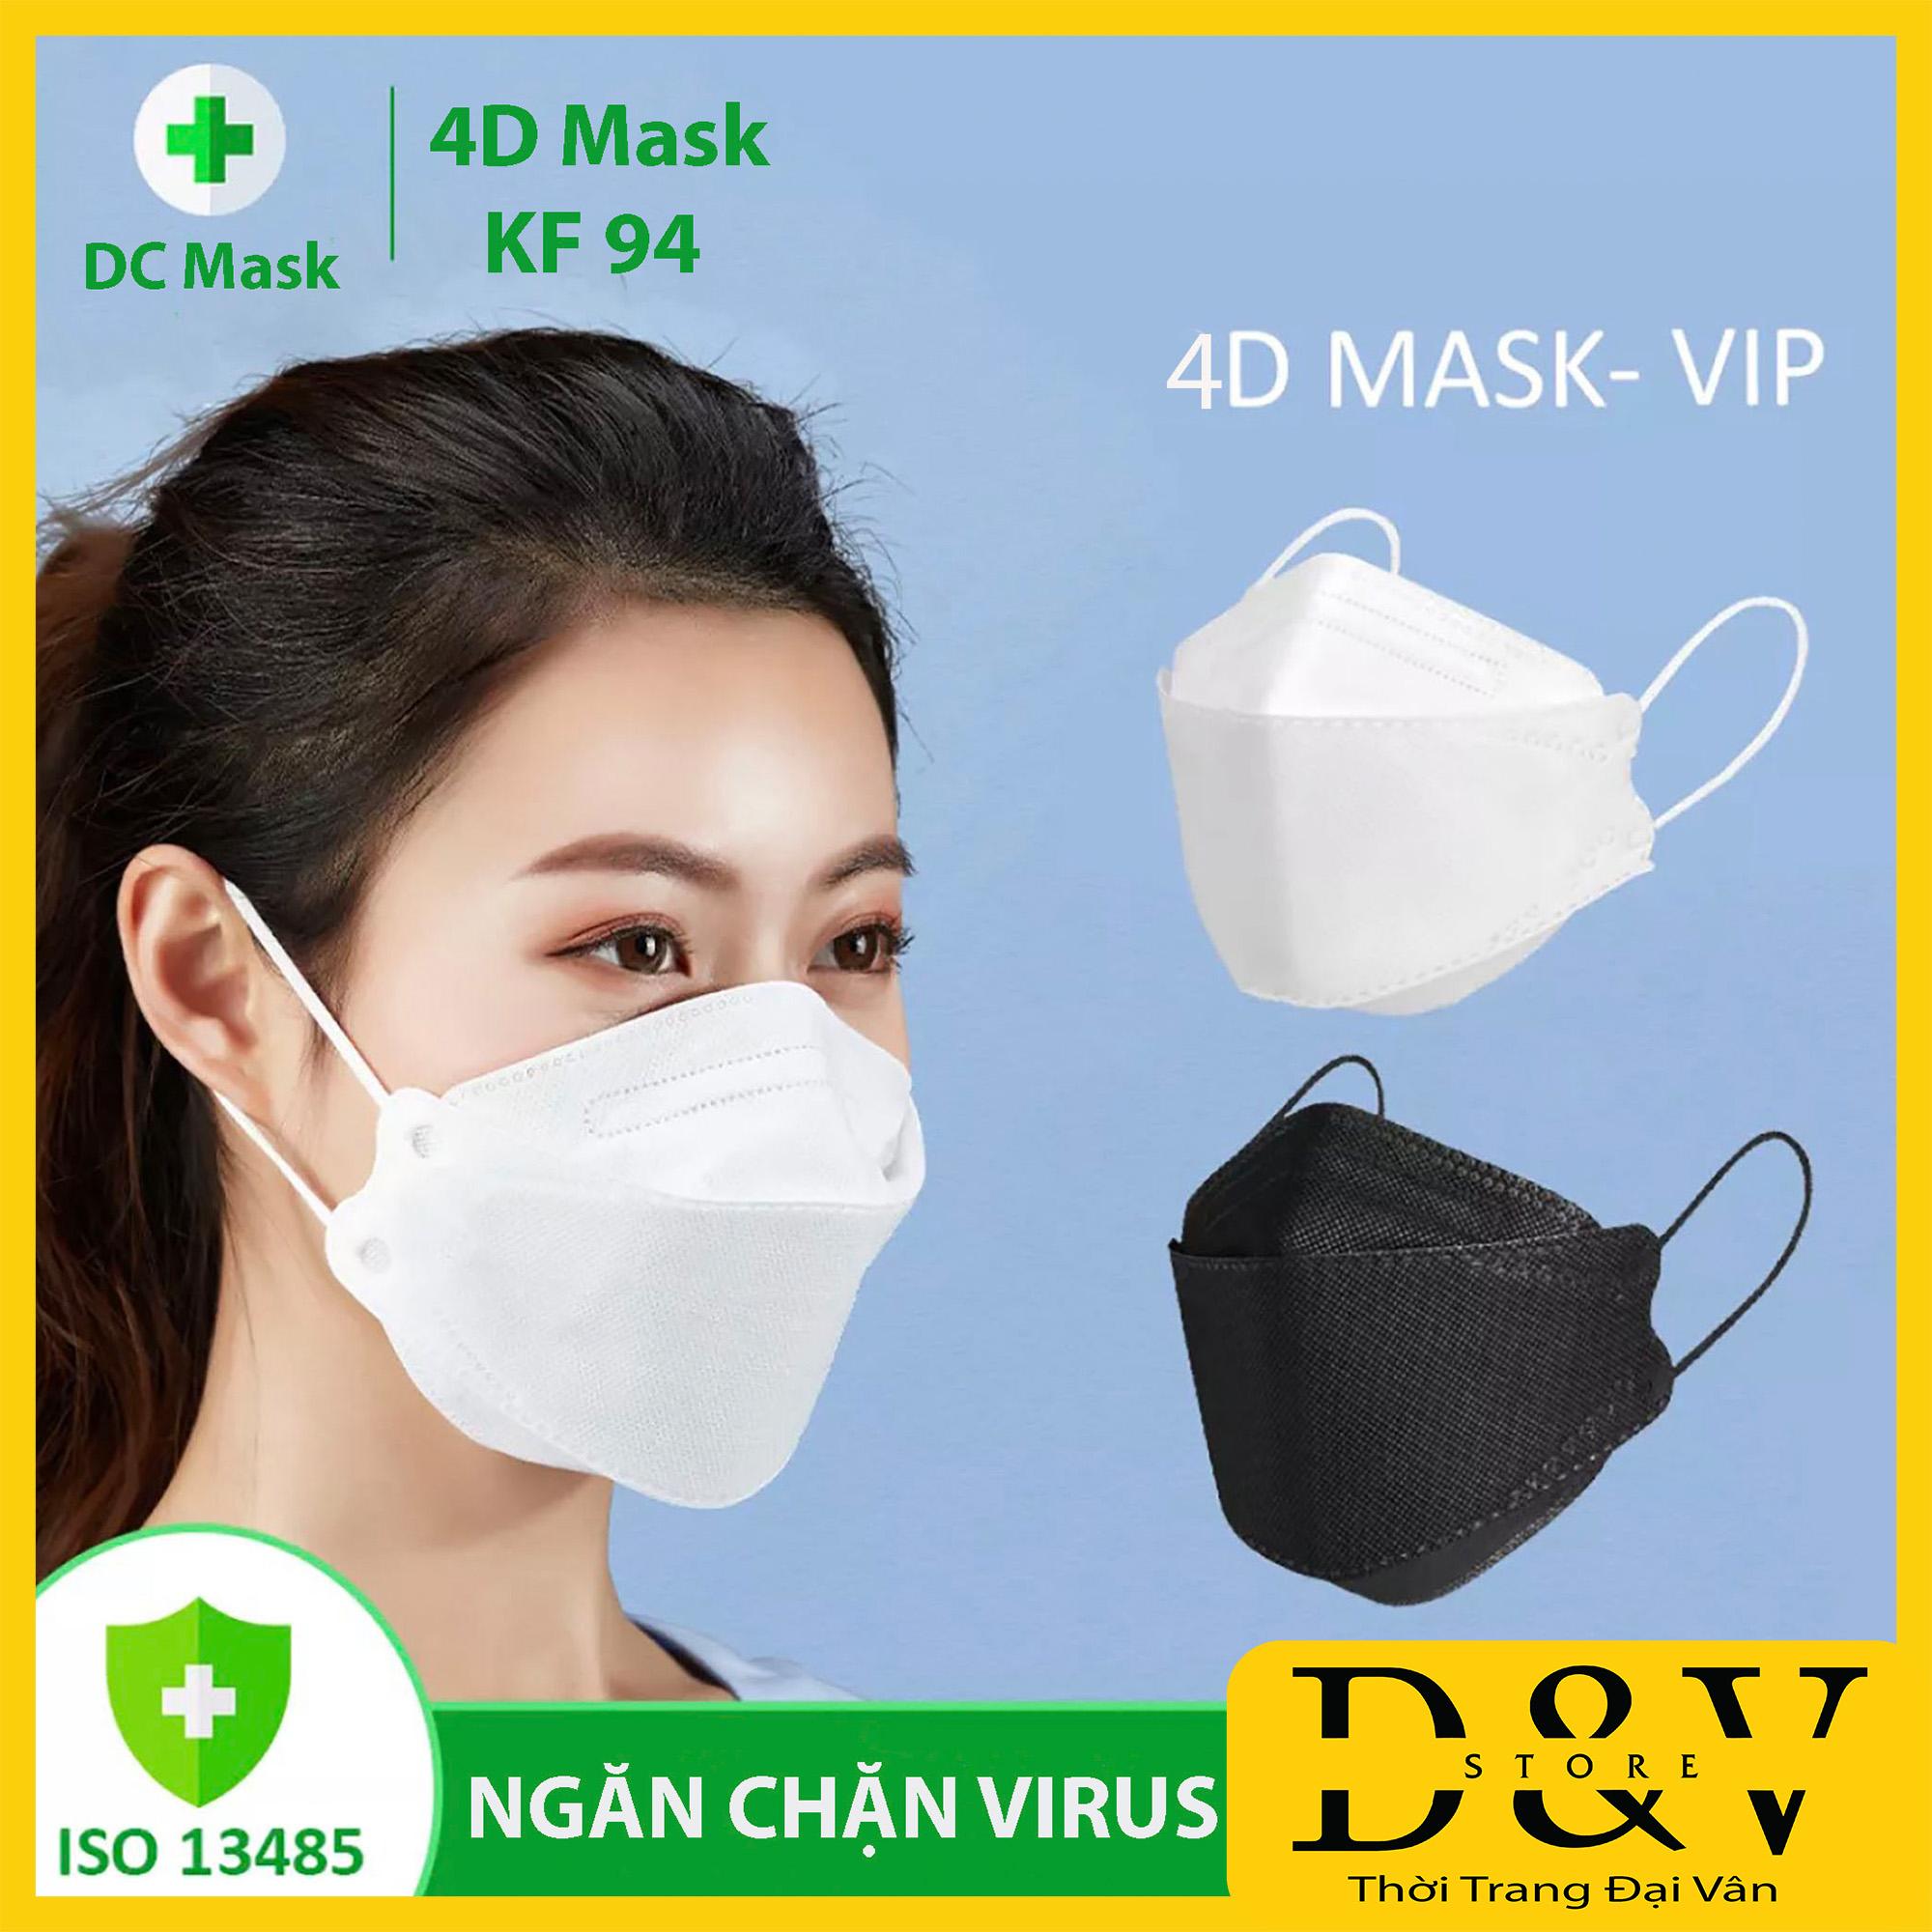 Khẩu trang y tế 4D Mask KF94 kiểu Hàn Quốc  4 lớp  kháng khuẩn [1 Gói 5 chiếc], kháng bụi mịn lên đến 95%, đạt tiêu chuẩn ISO khẩu trang y tế, khẩu trang 3d mask, khẩu trang 3d land mask